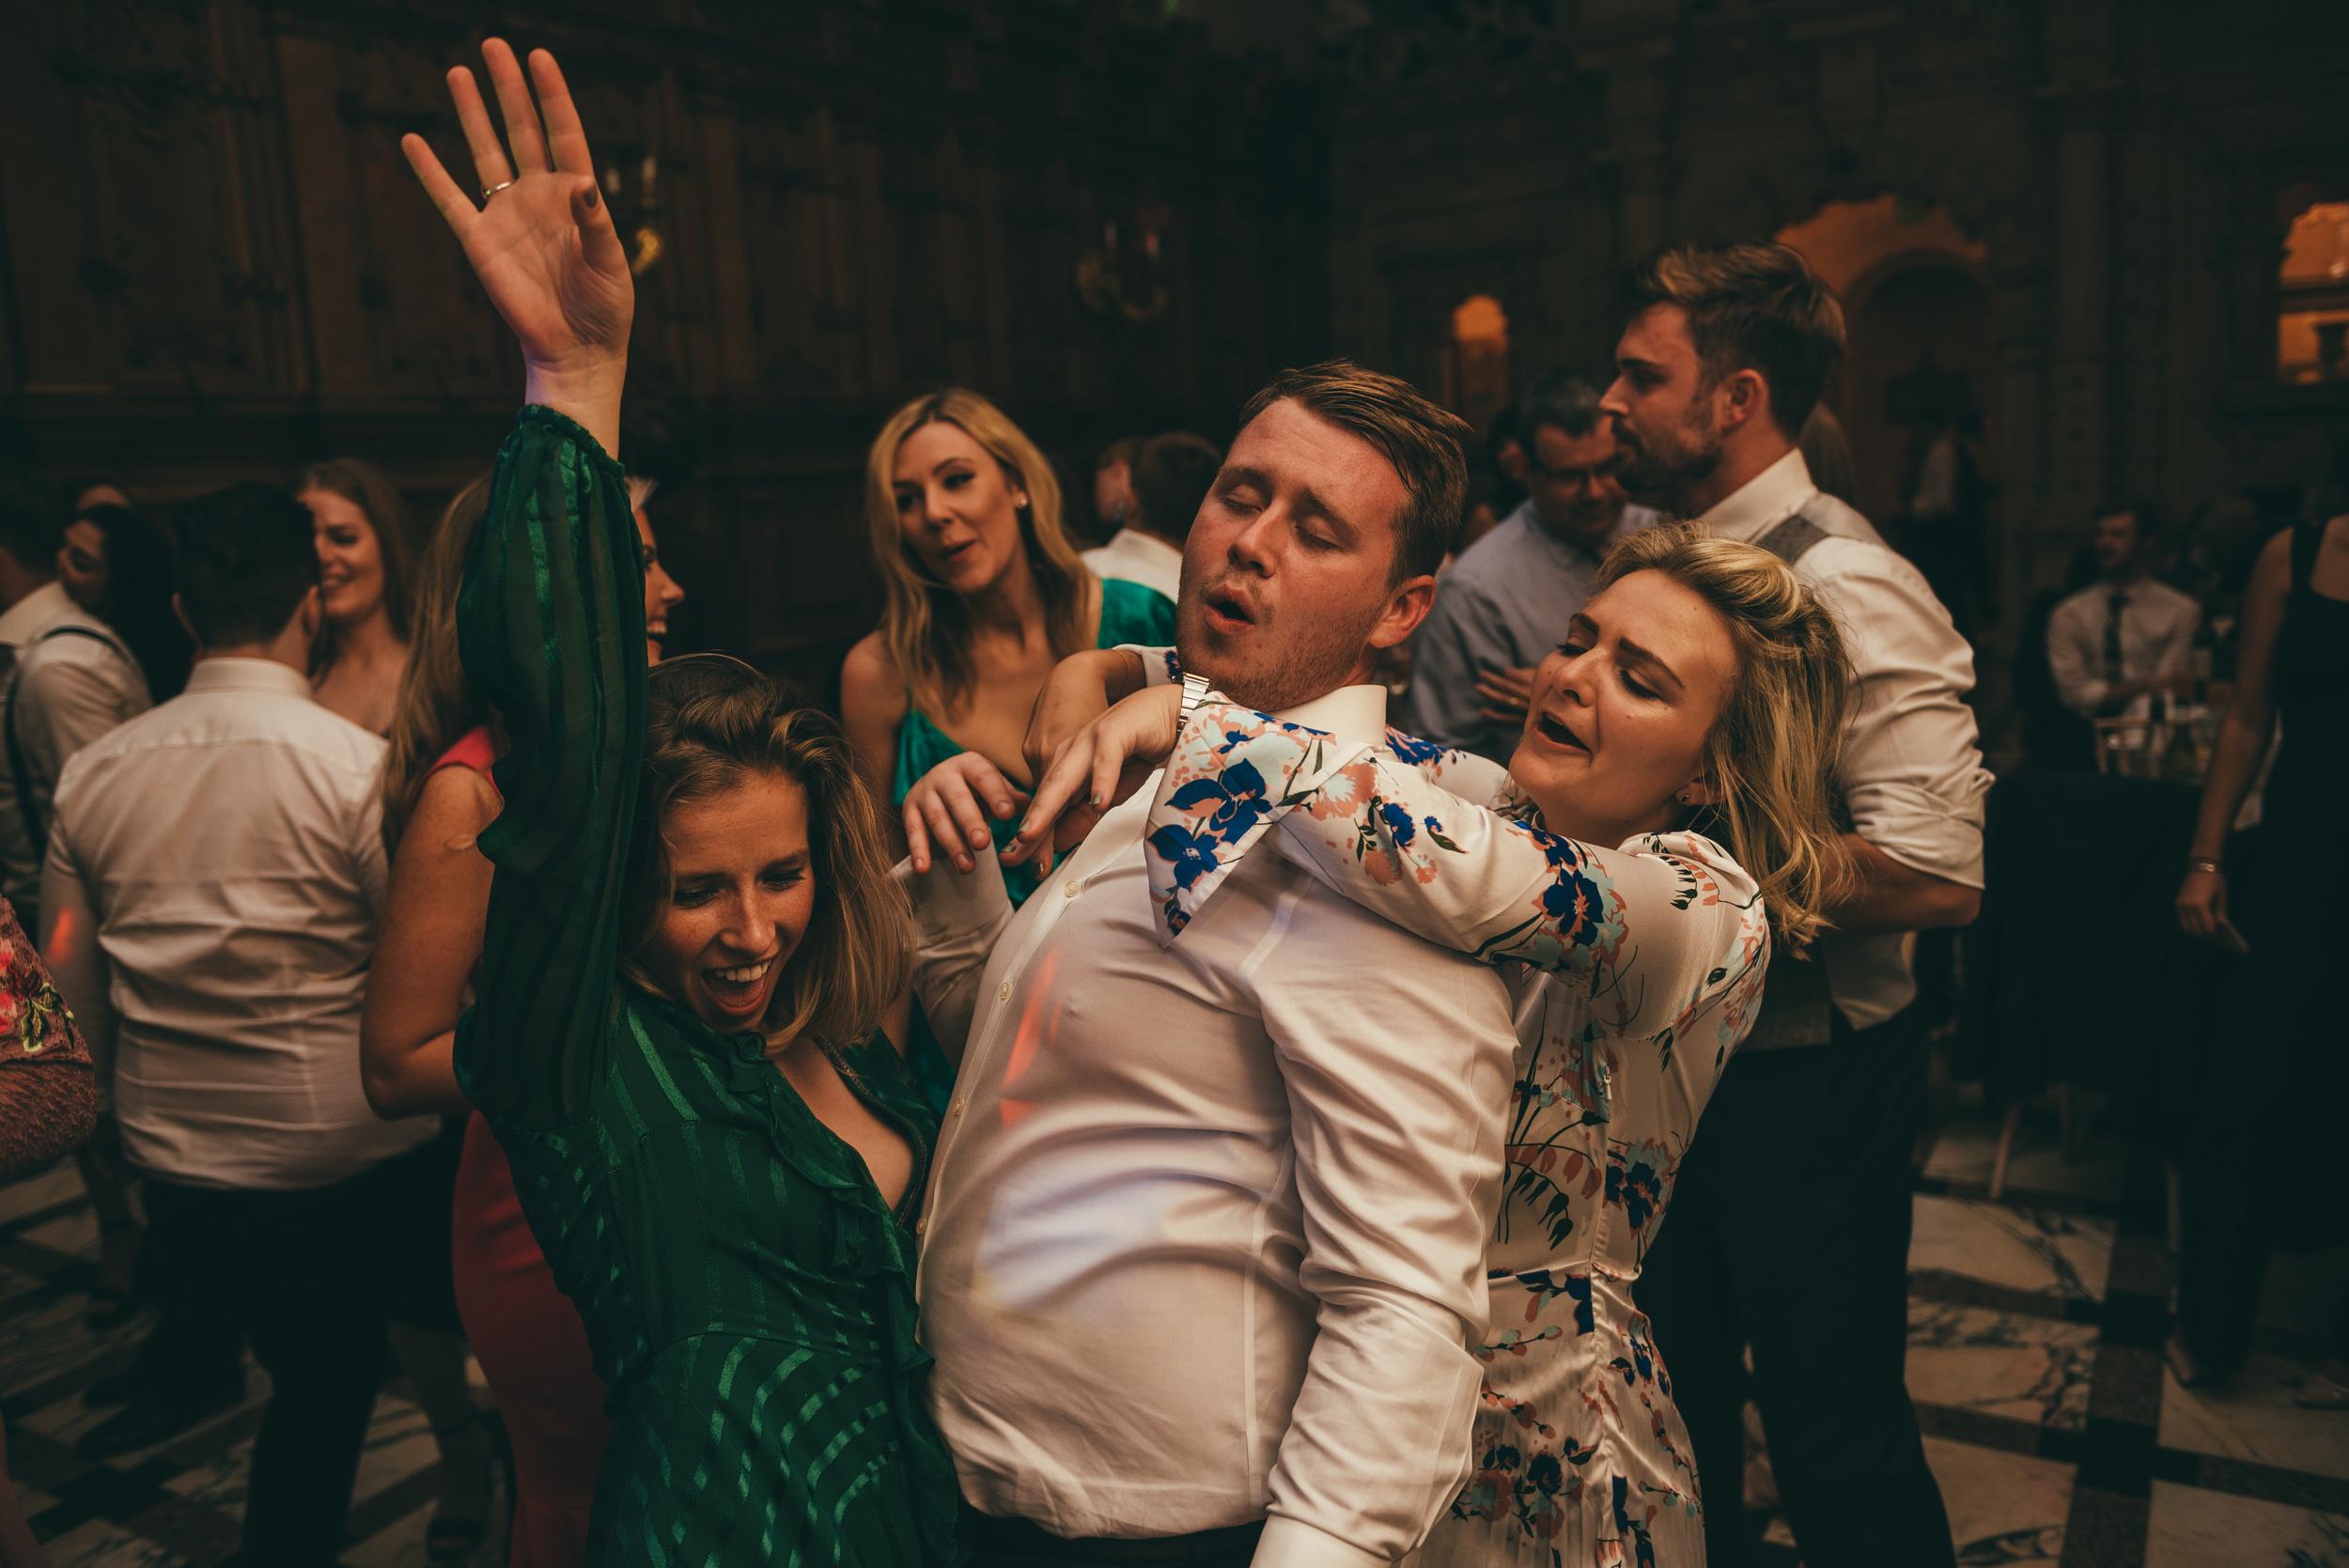 wedding guests dancing at harlaxton manor